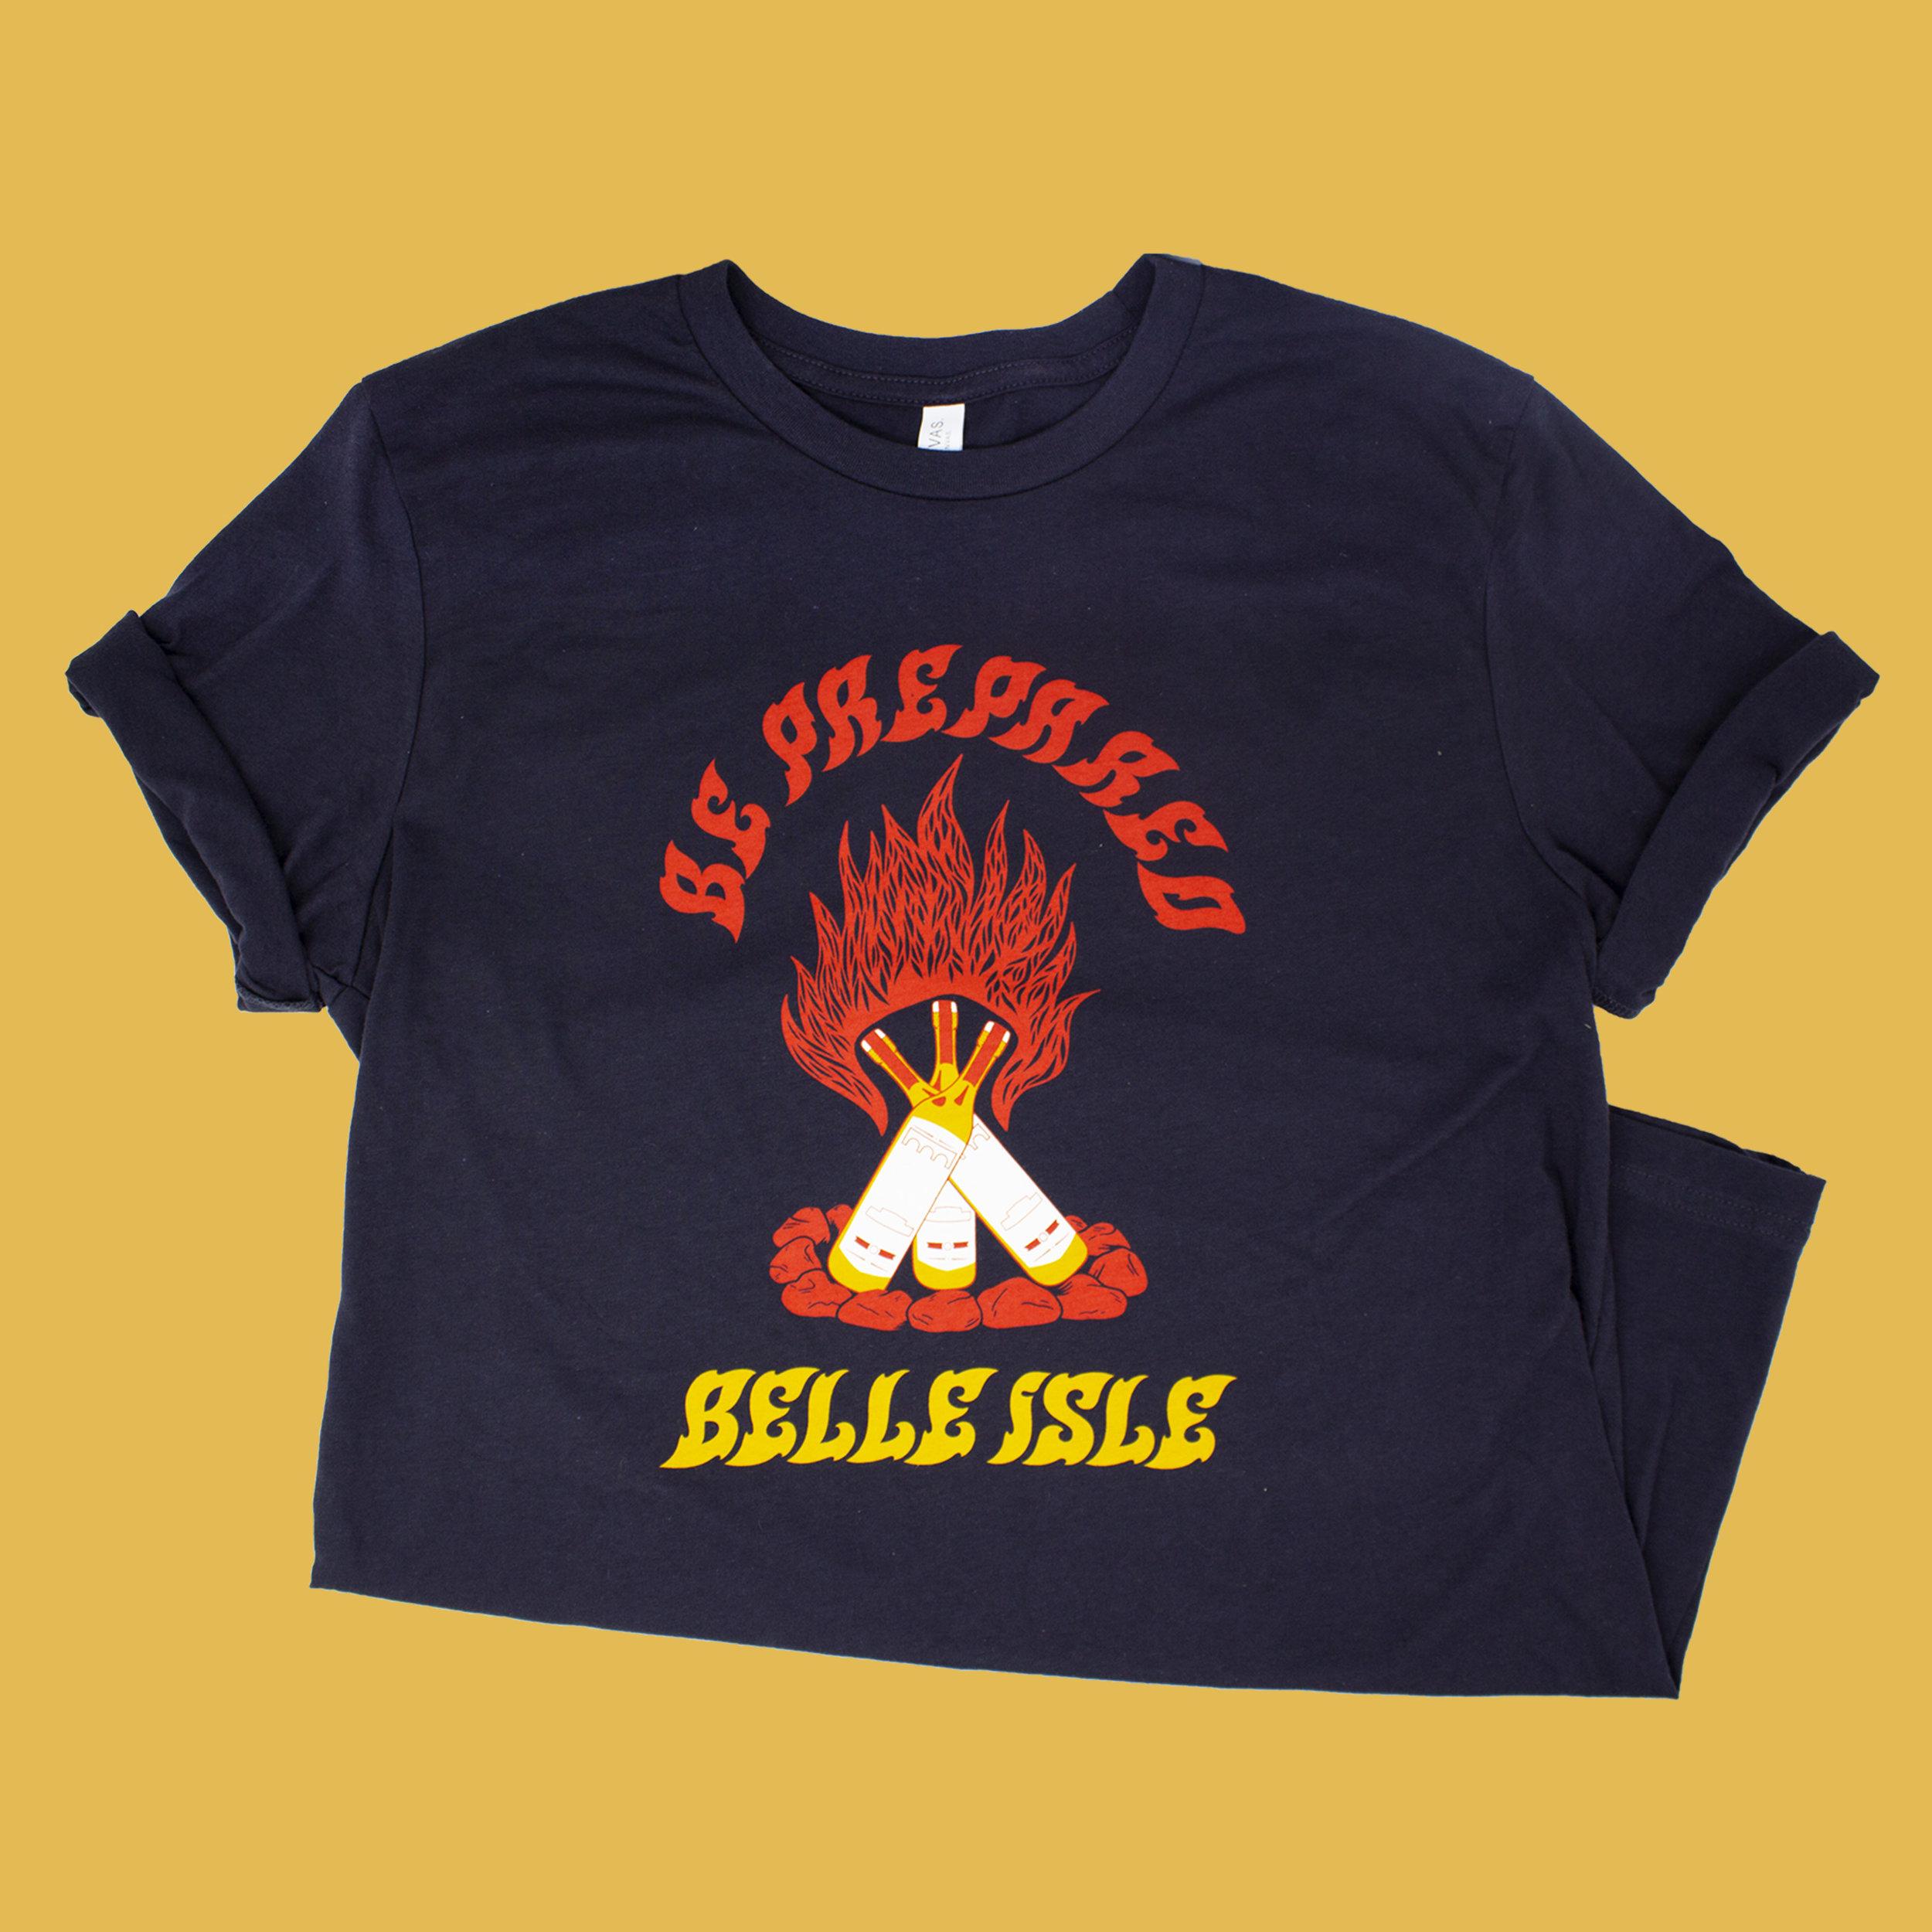 campfireshirt-yellowbackground.jpg